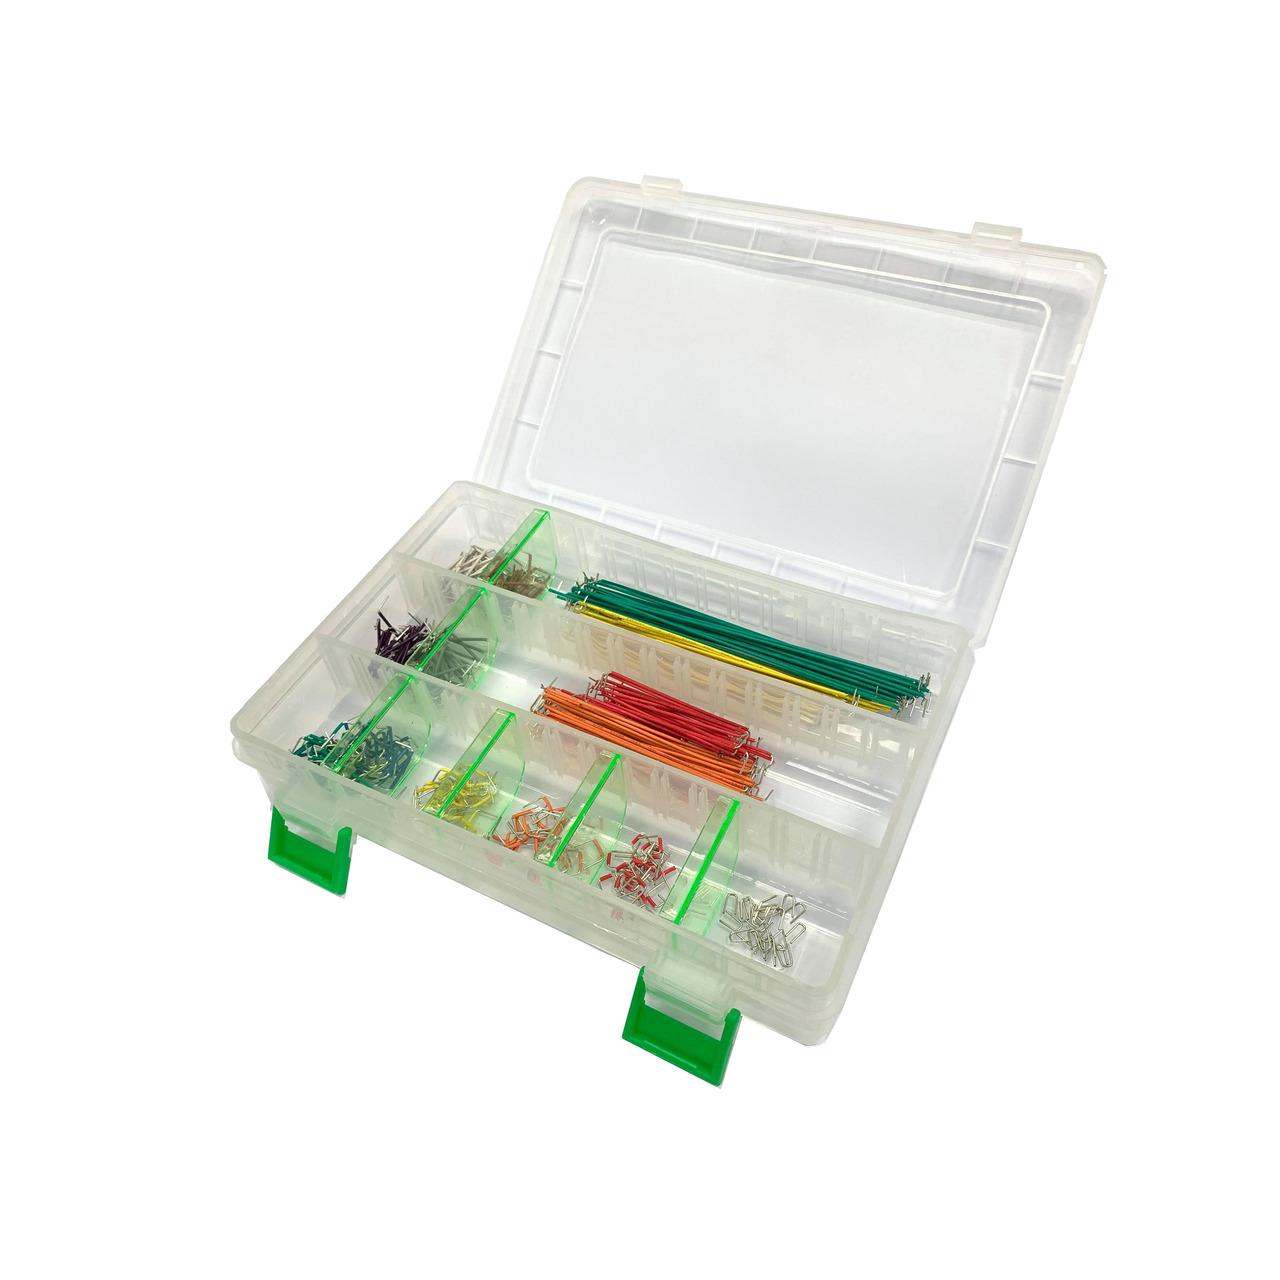 ELV Steckbrücken-Set für Steckplatinen und Breadboards- 350-teilig